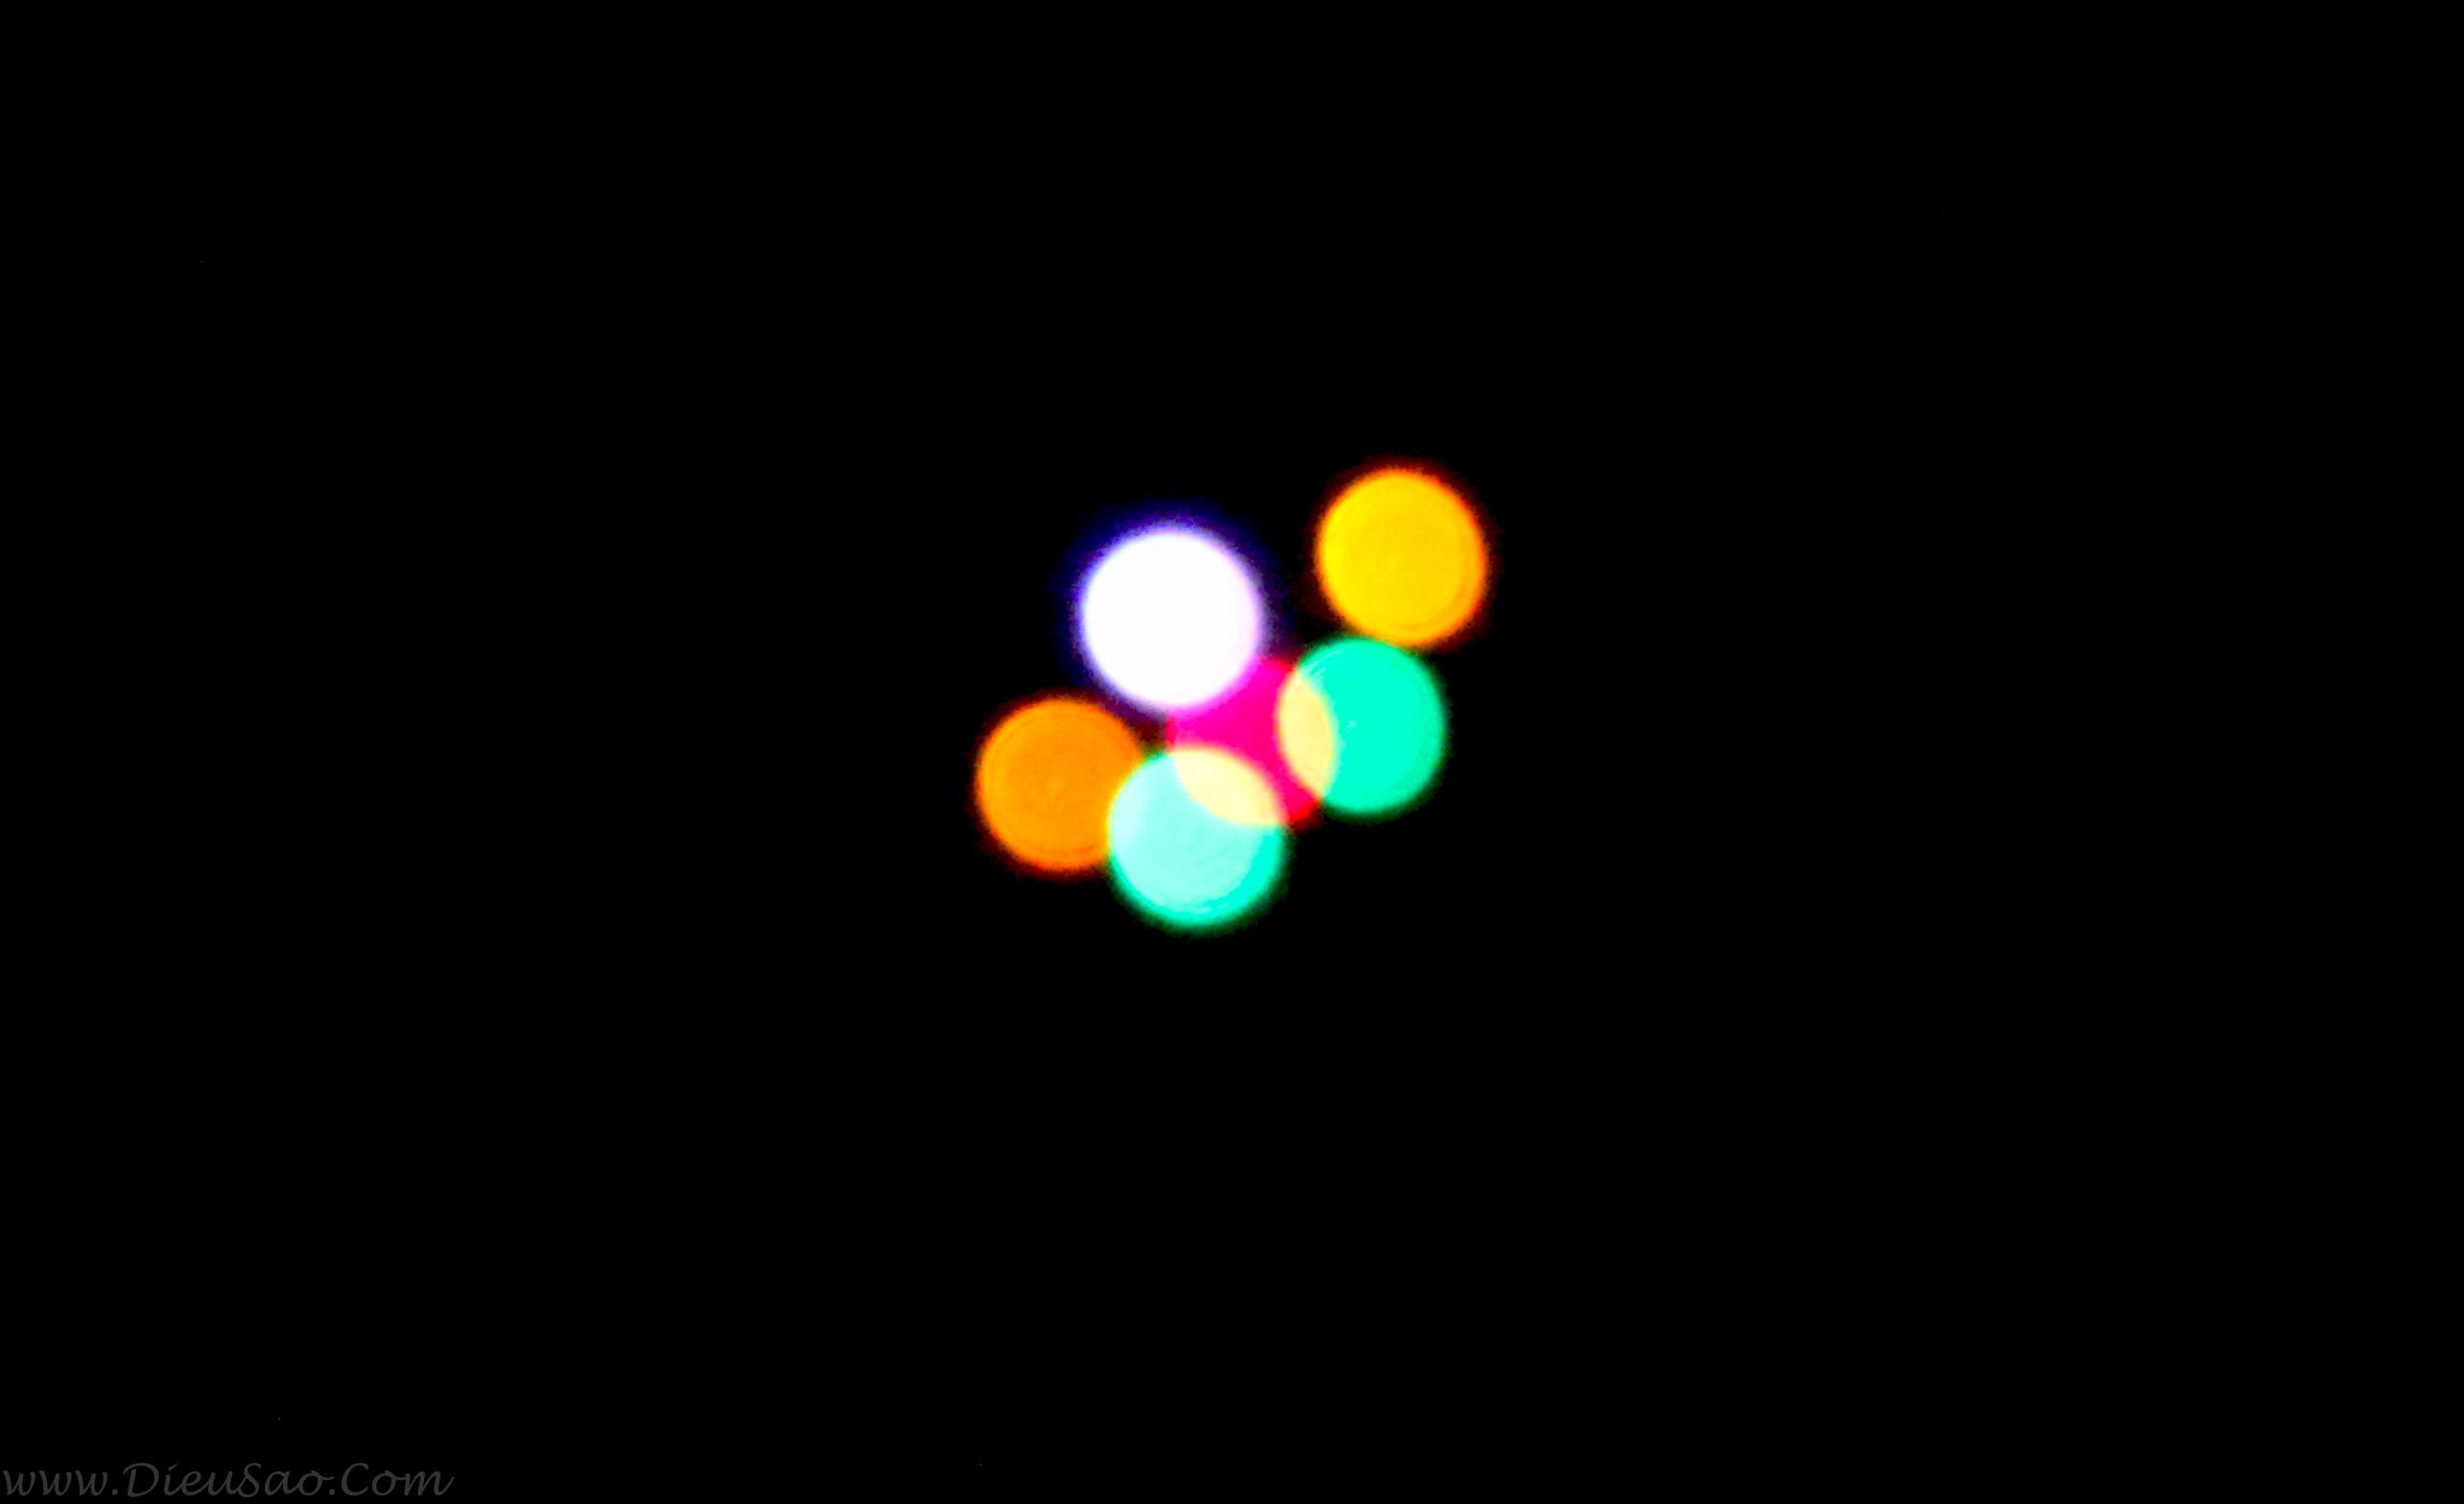 Ảnh đèn led lắp trên diều sáo thả trời tối